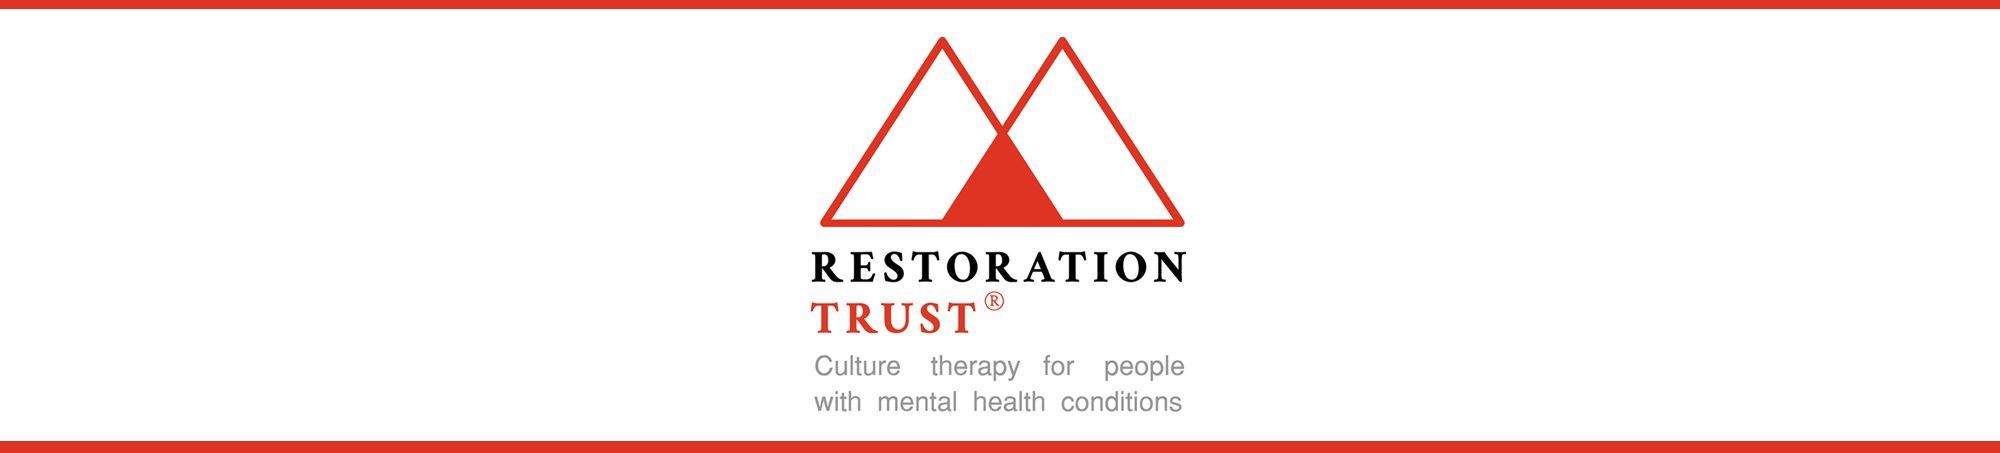 Restoration Trust banner